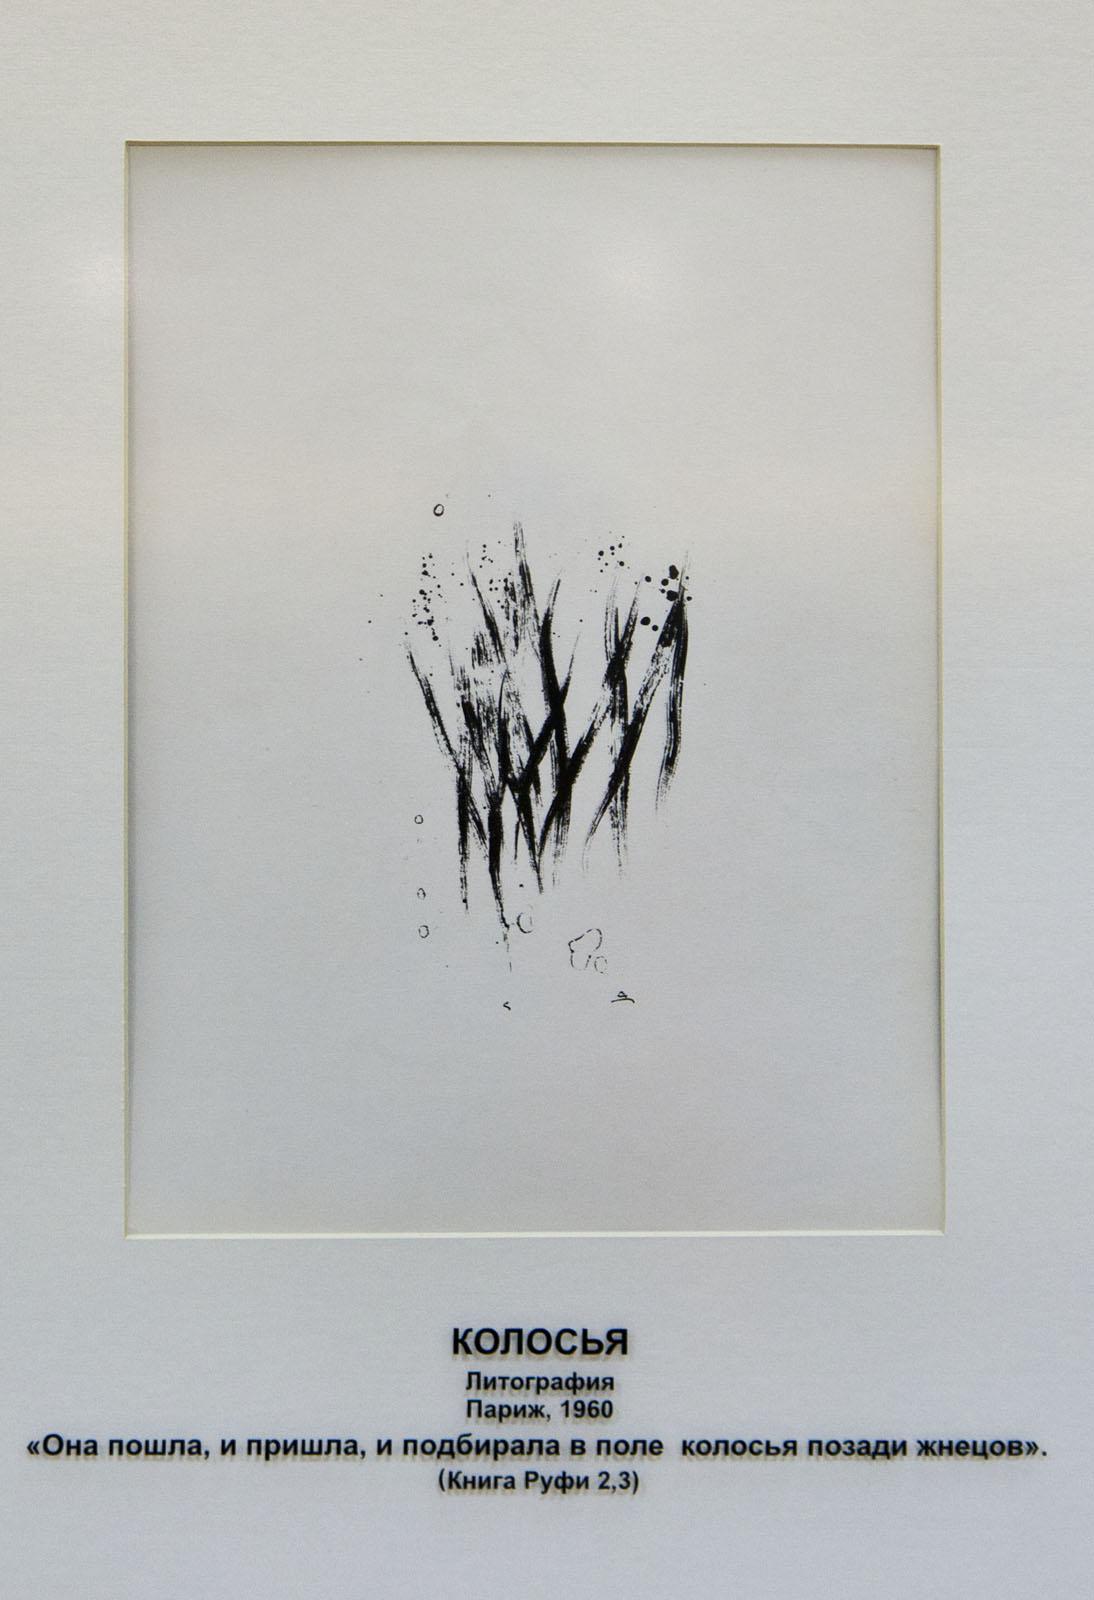 Фото №74466. «Колосья», Марк Шагал, литография, Париж, 1960